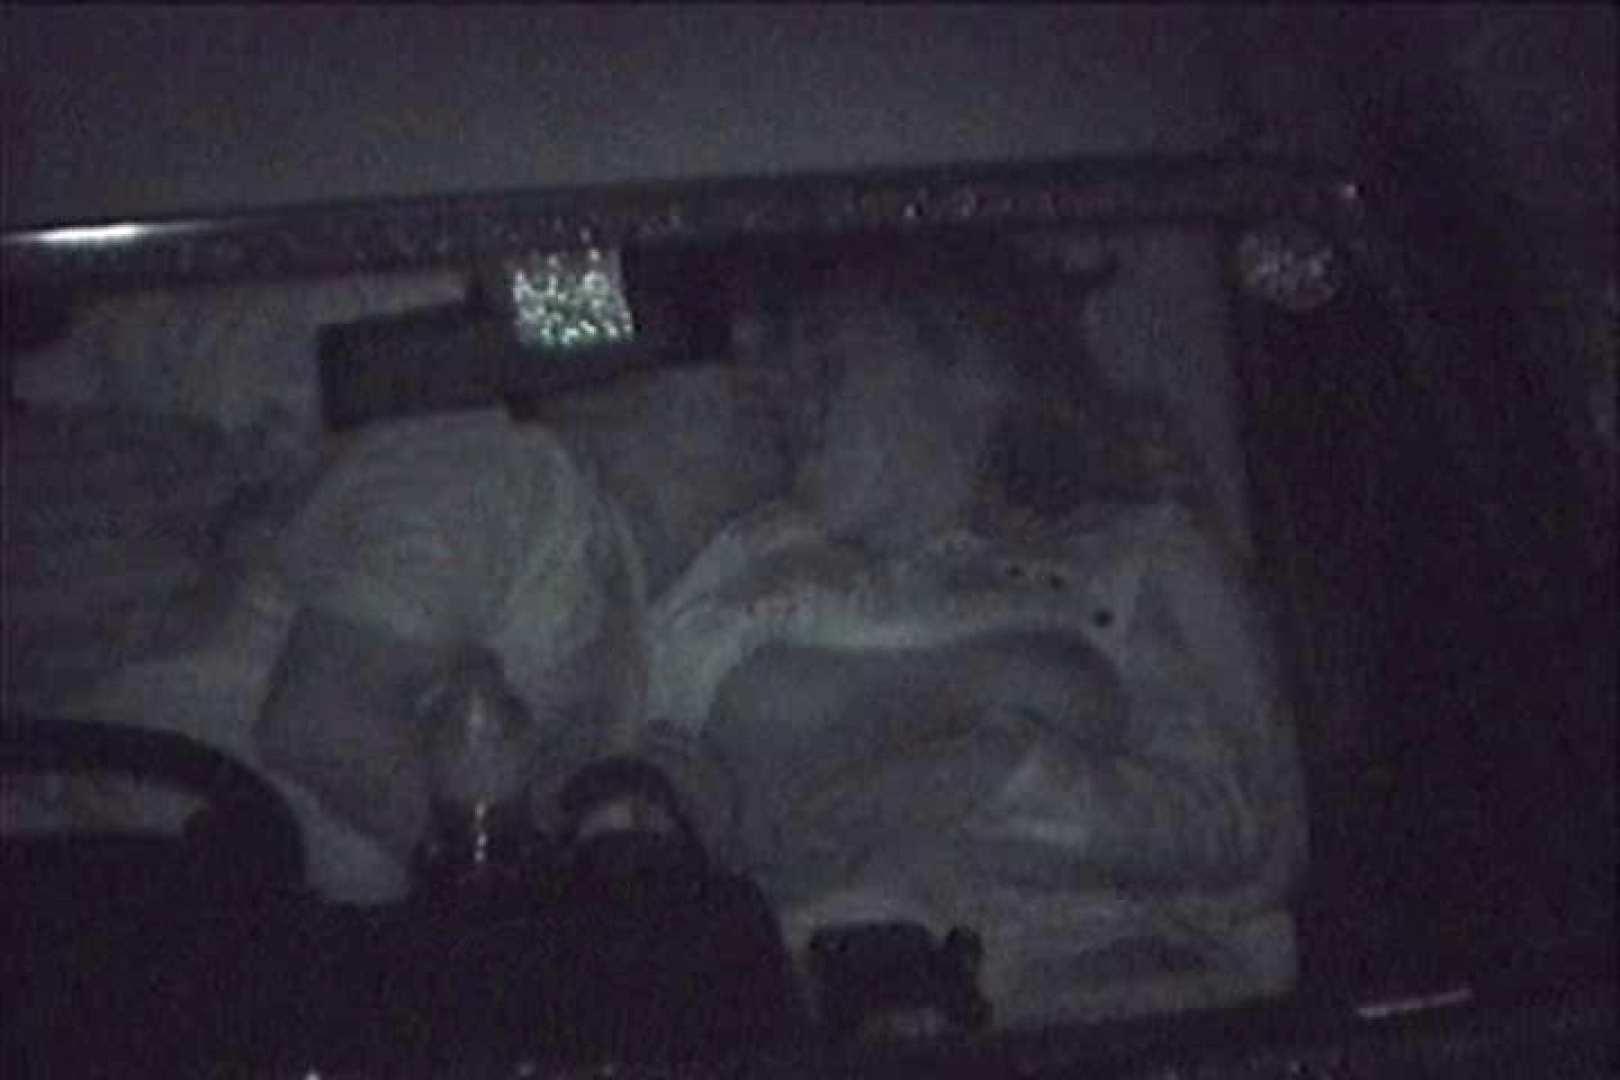 車の中はラブホテル 無修正版  Vol.21 OLセックス 隠し撮りセックス画像 109画像 62